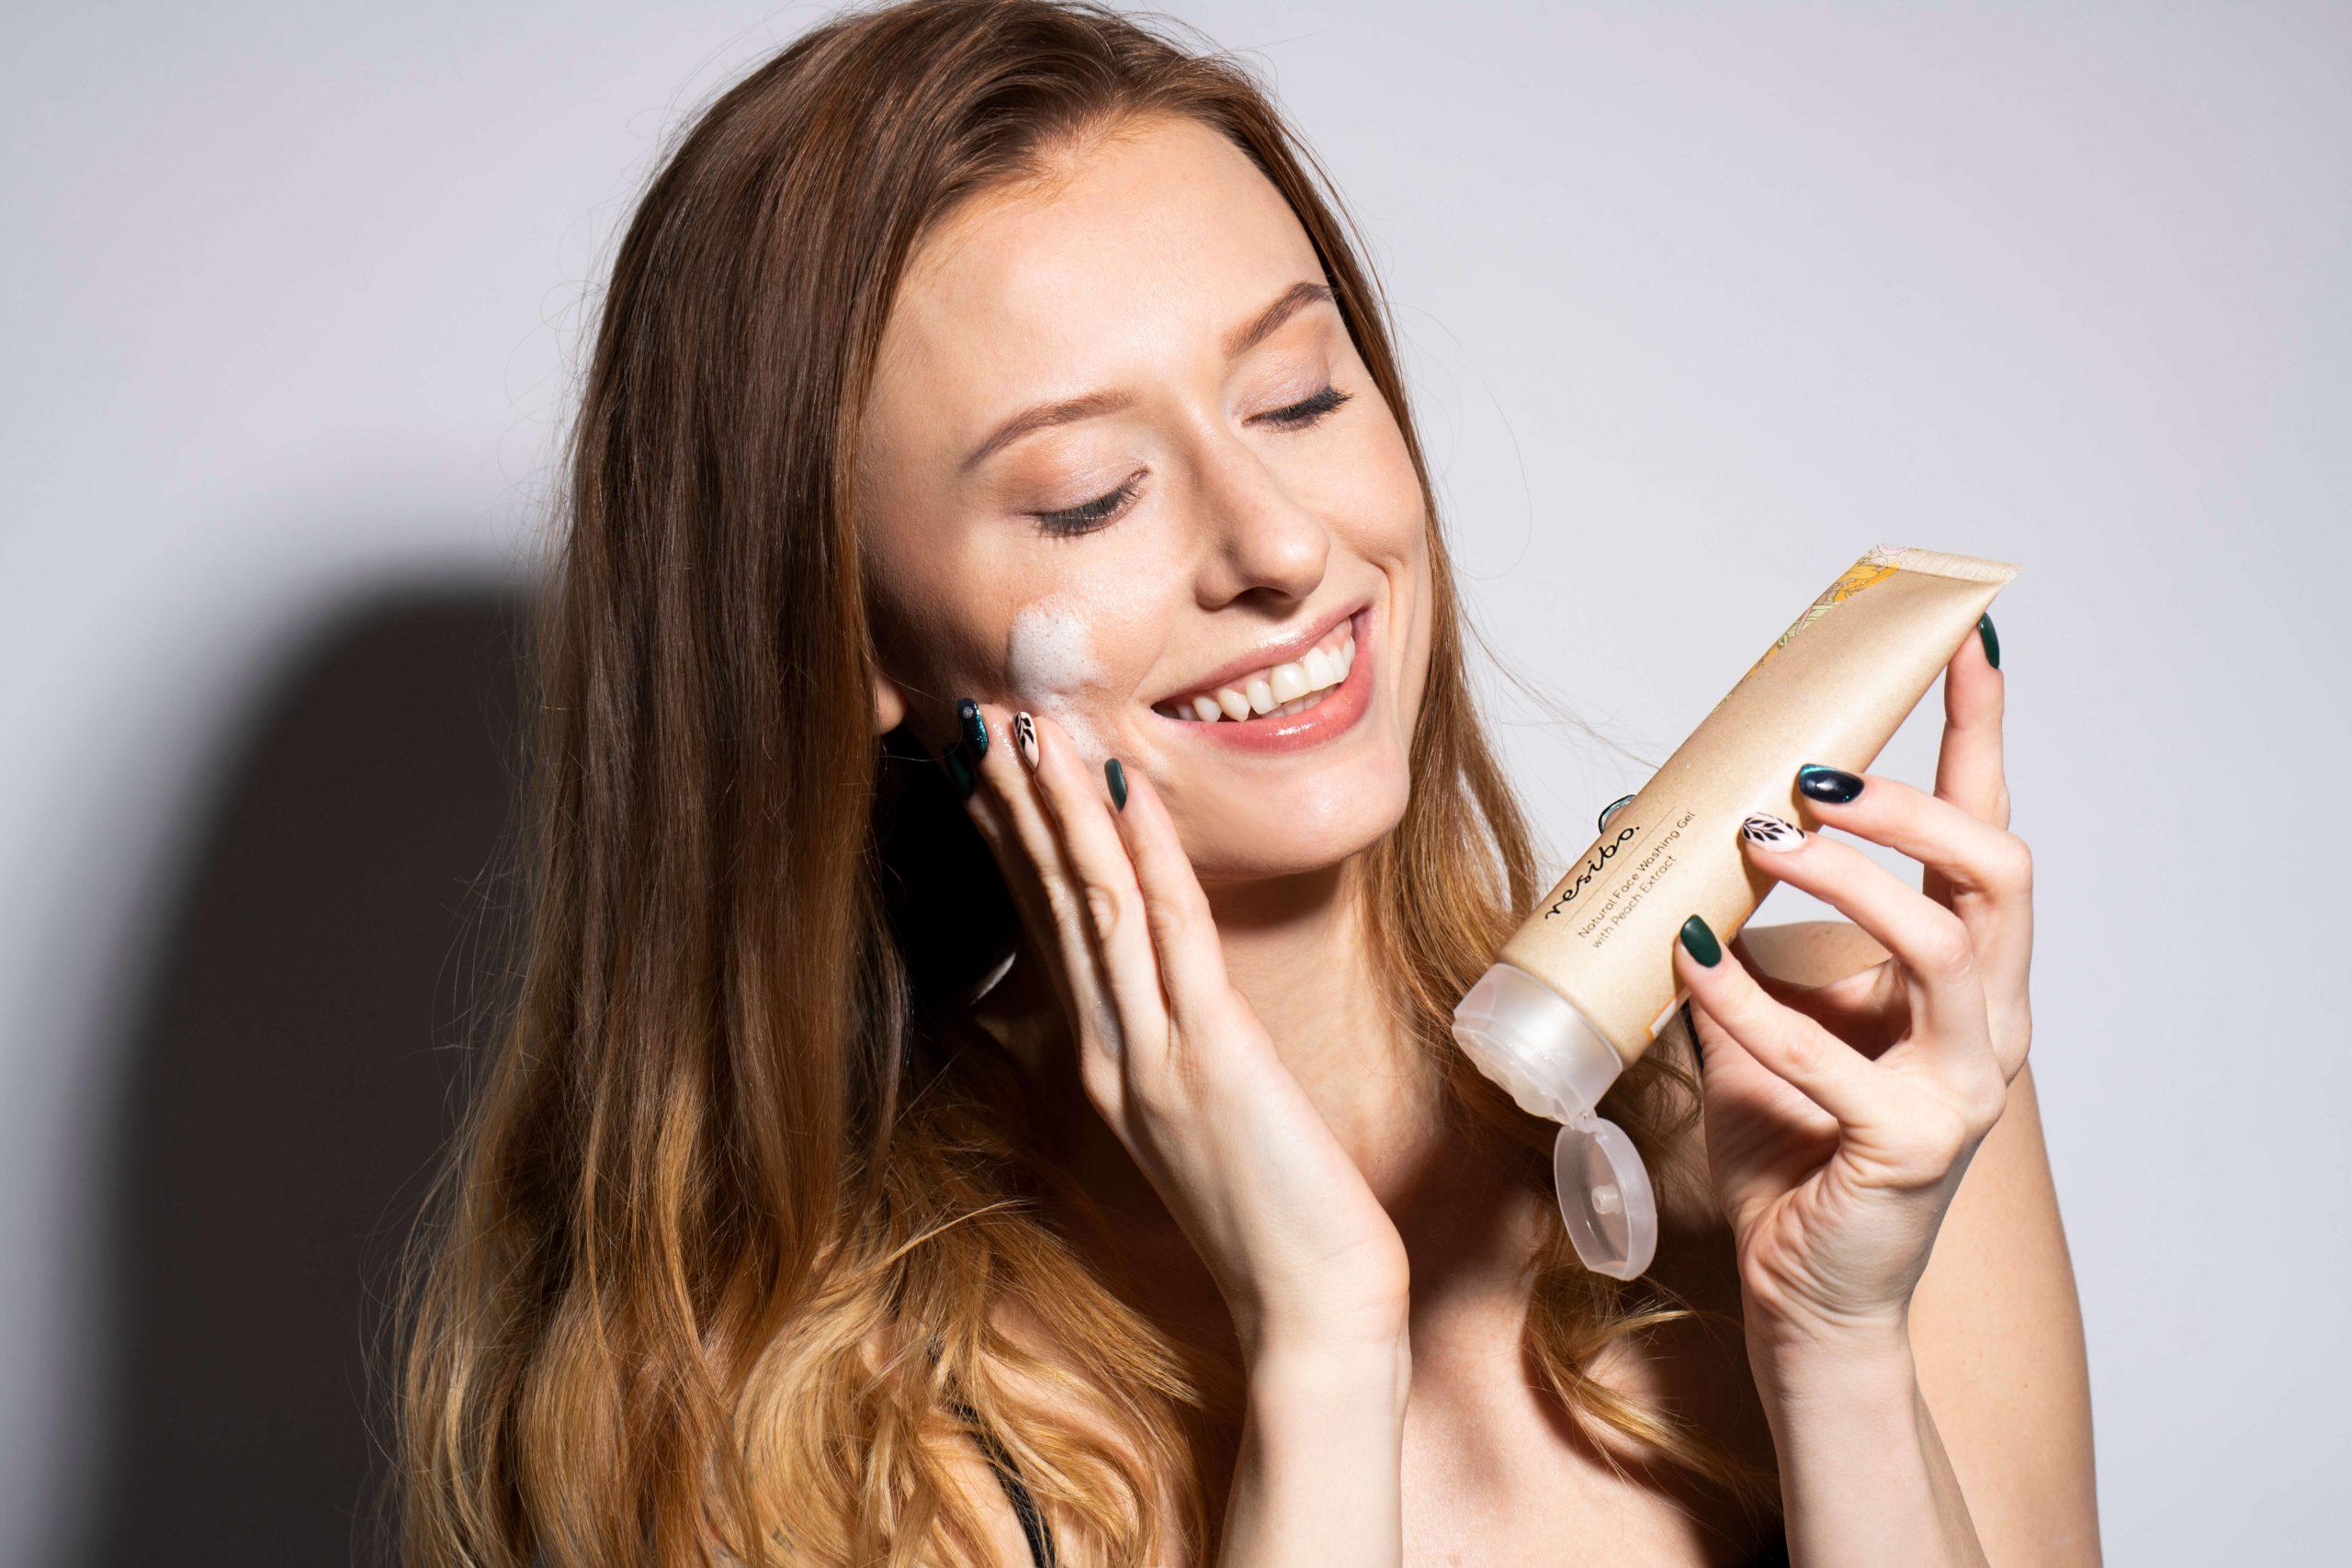 resibo_młoda kobieta uśmiechnięta trzyma w ręku żel myjący